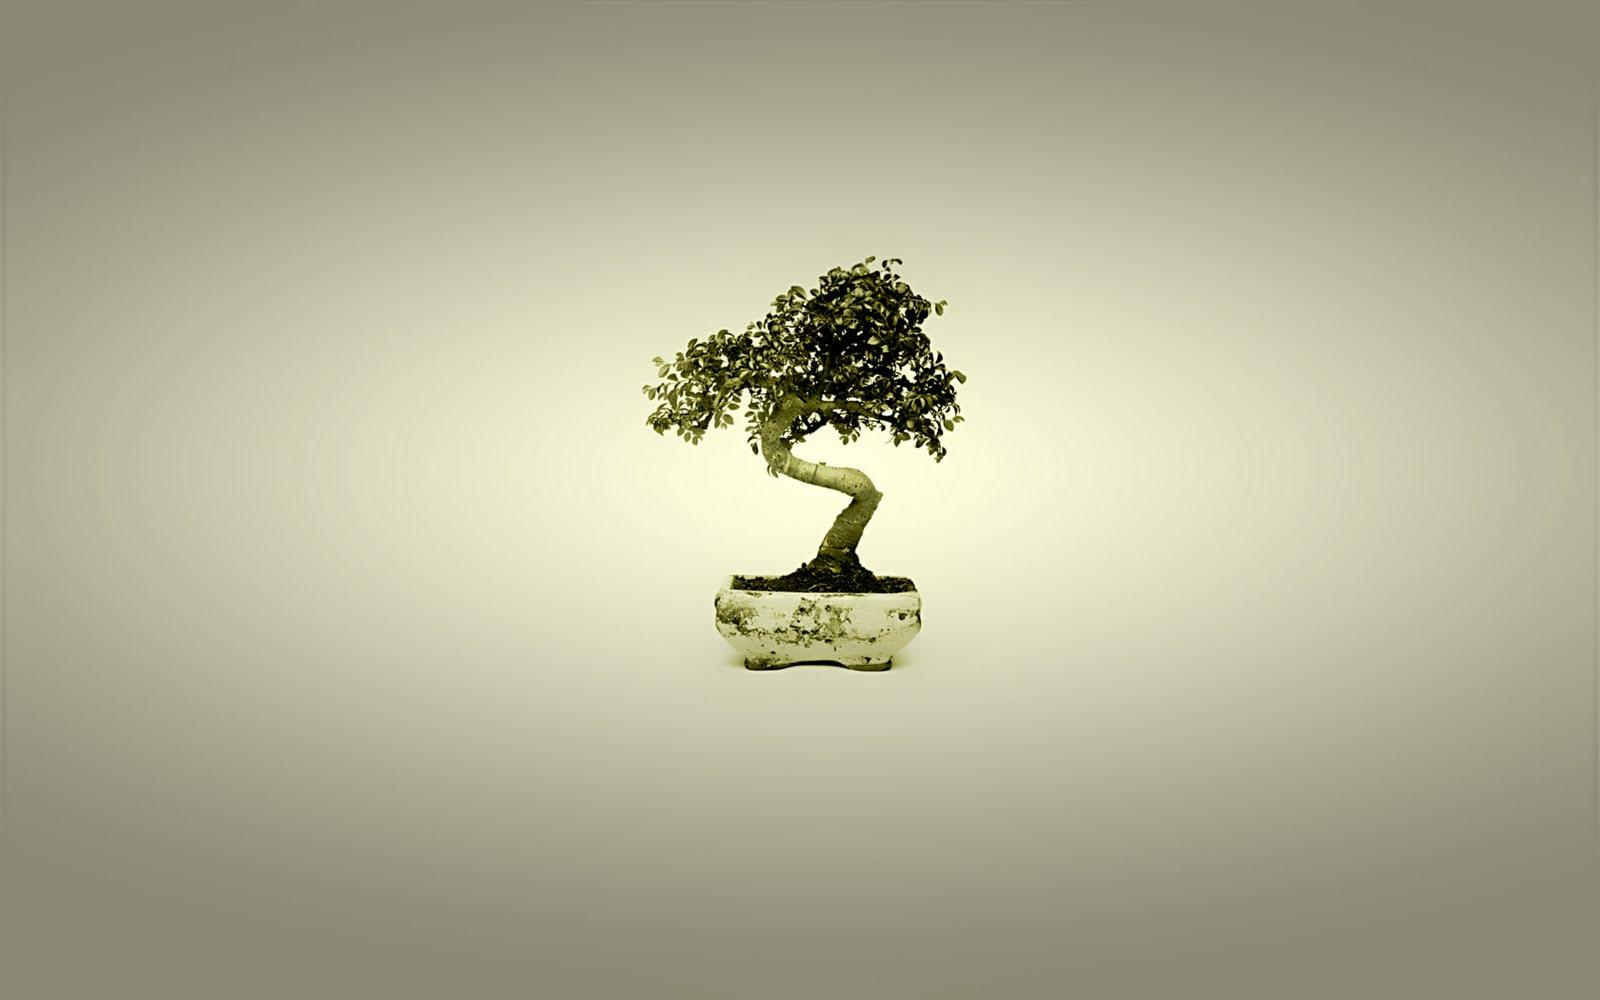 http://3.bp.blogspot.com/-4I0VHZ7qZoU/TiF0OENuzQI/AAAAAAAACLs/ZpLbTqccvOI/s1600/bonsai_japan_tree_art_wallpaper.jpg